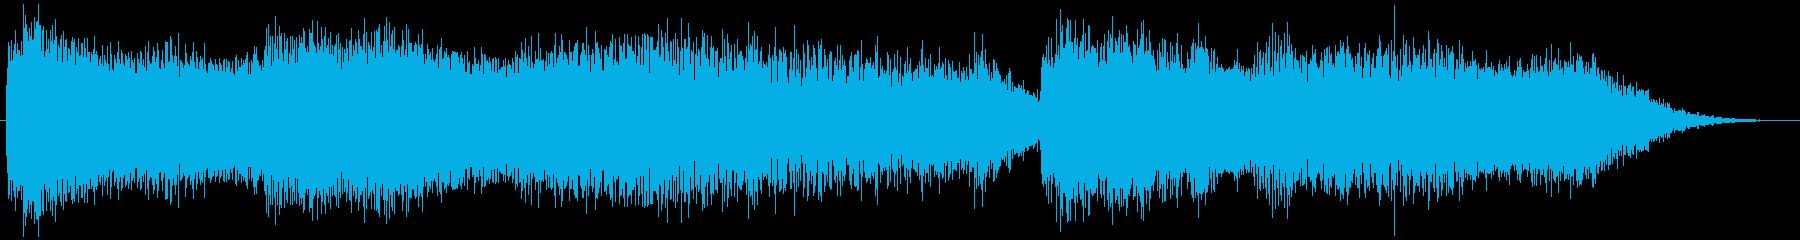 PADS 圧力降下01の再生済みの波形